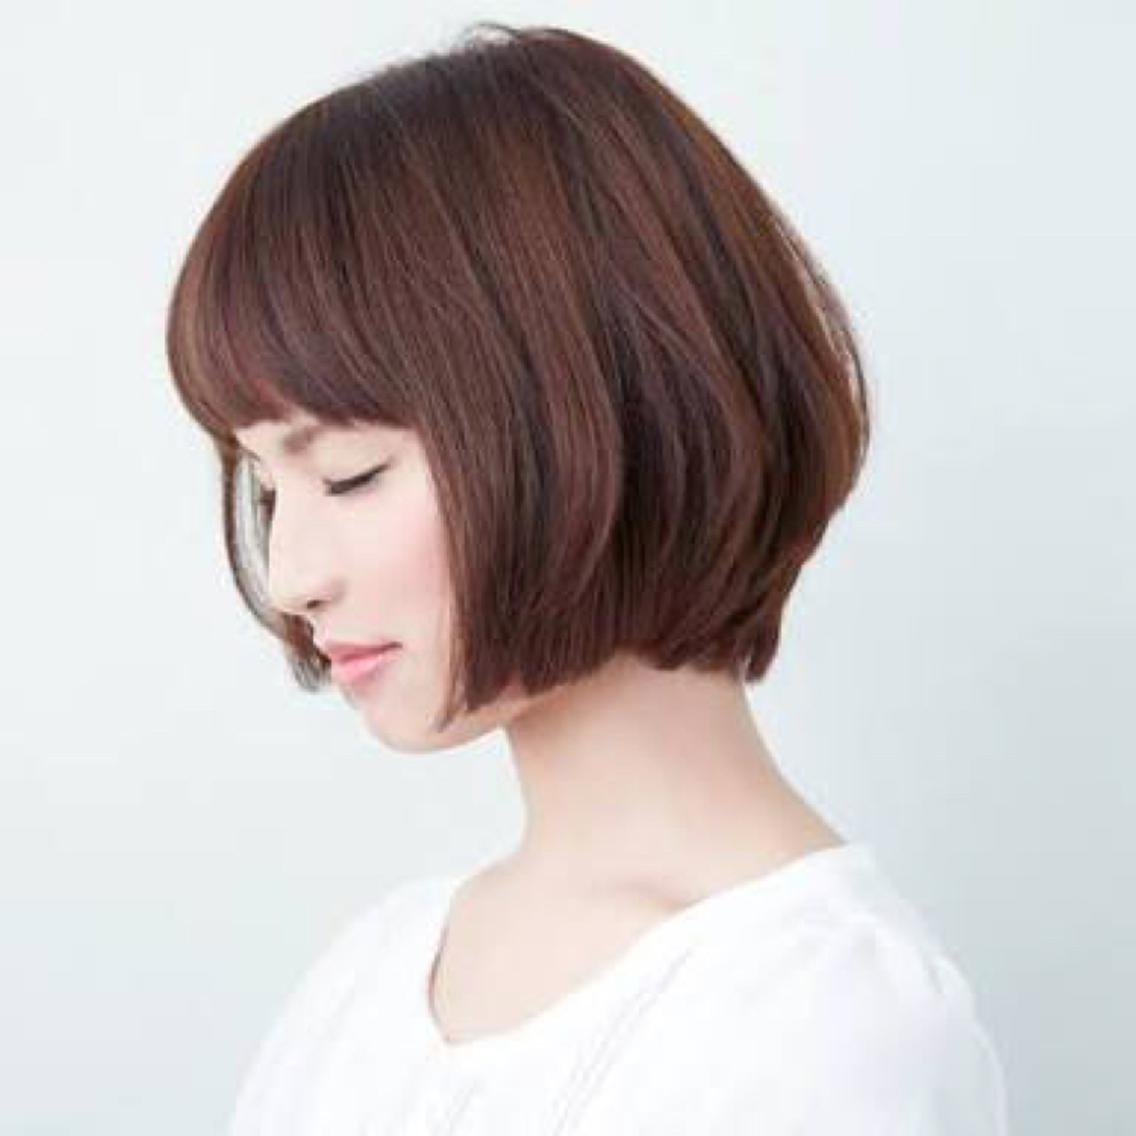 【急募】4月16日土曜日19時30分〜カットモデルさん募集中!